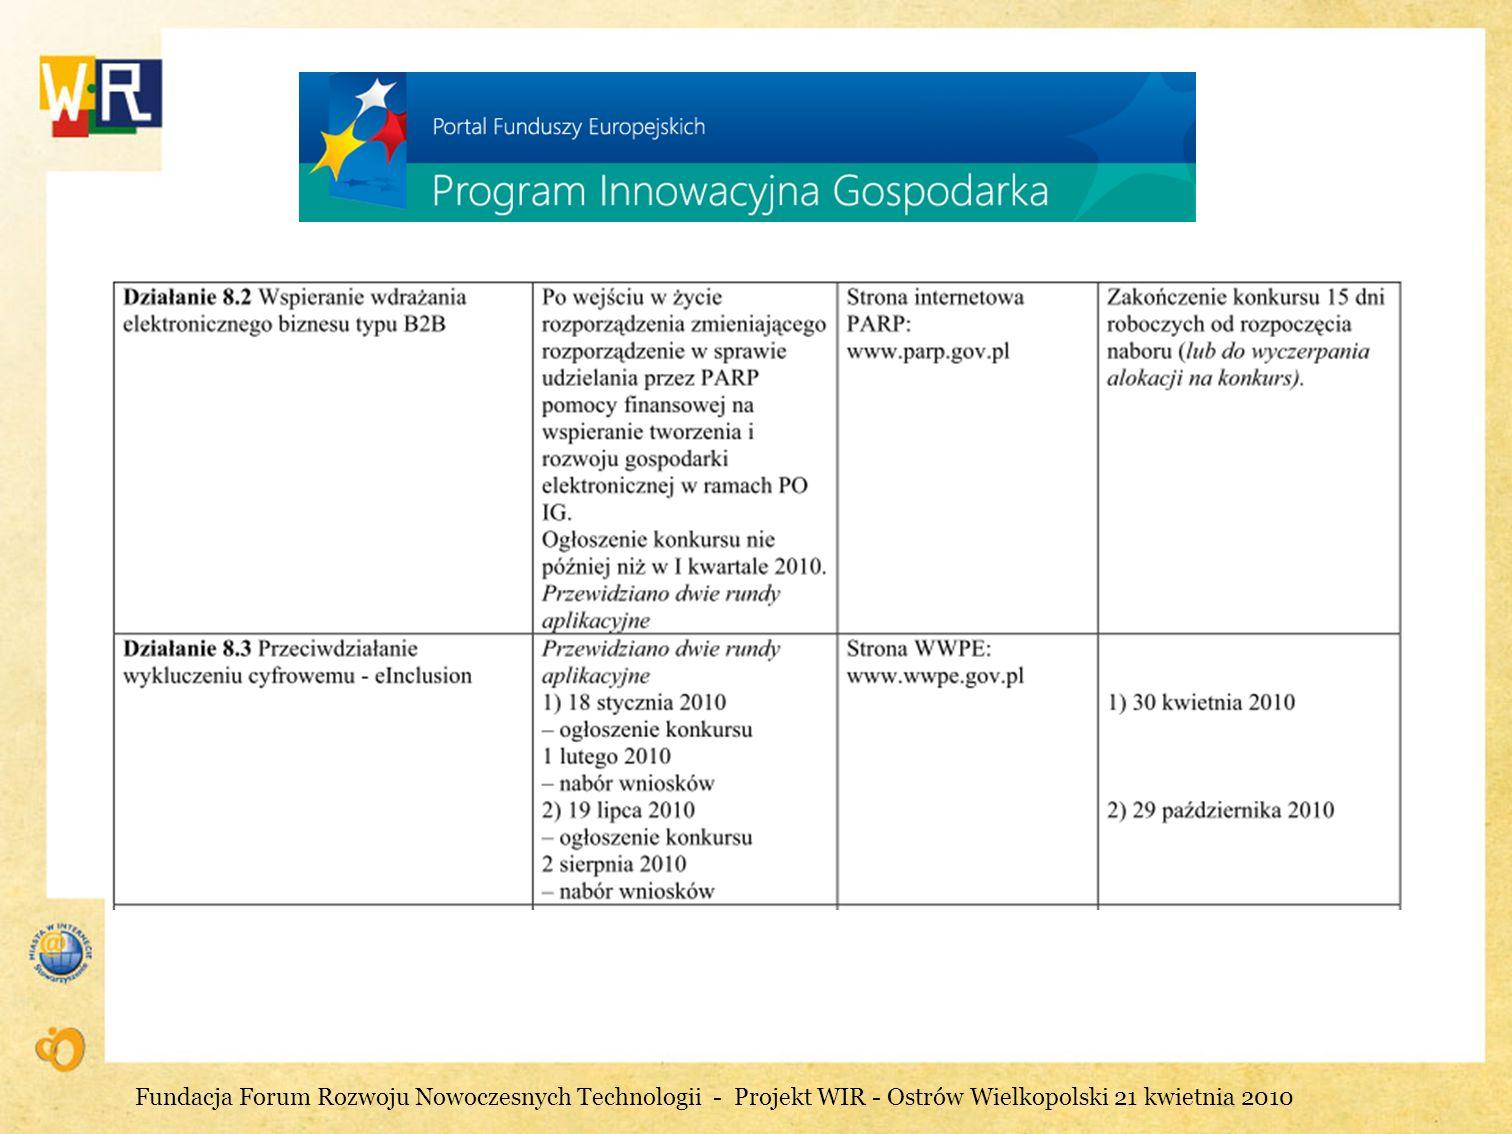 Fundacja Forum Rozwoju Nowoczesnych Technologii - Projekt WIR - Ostrów Wielkopolski 21 kwietnia 2010